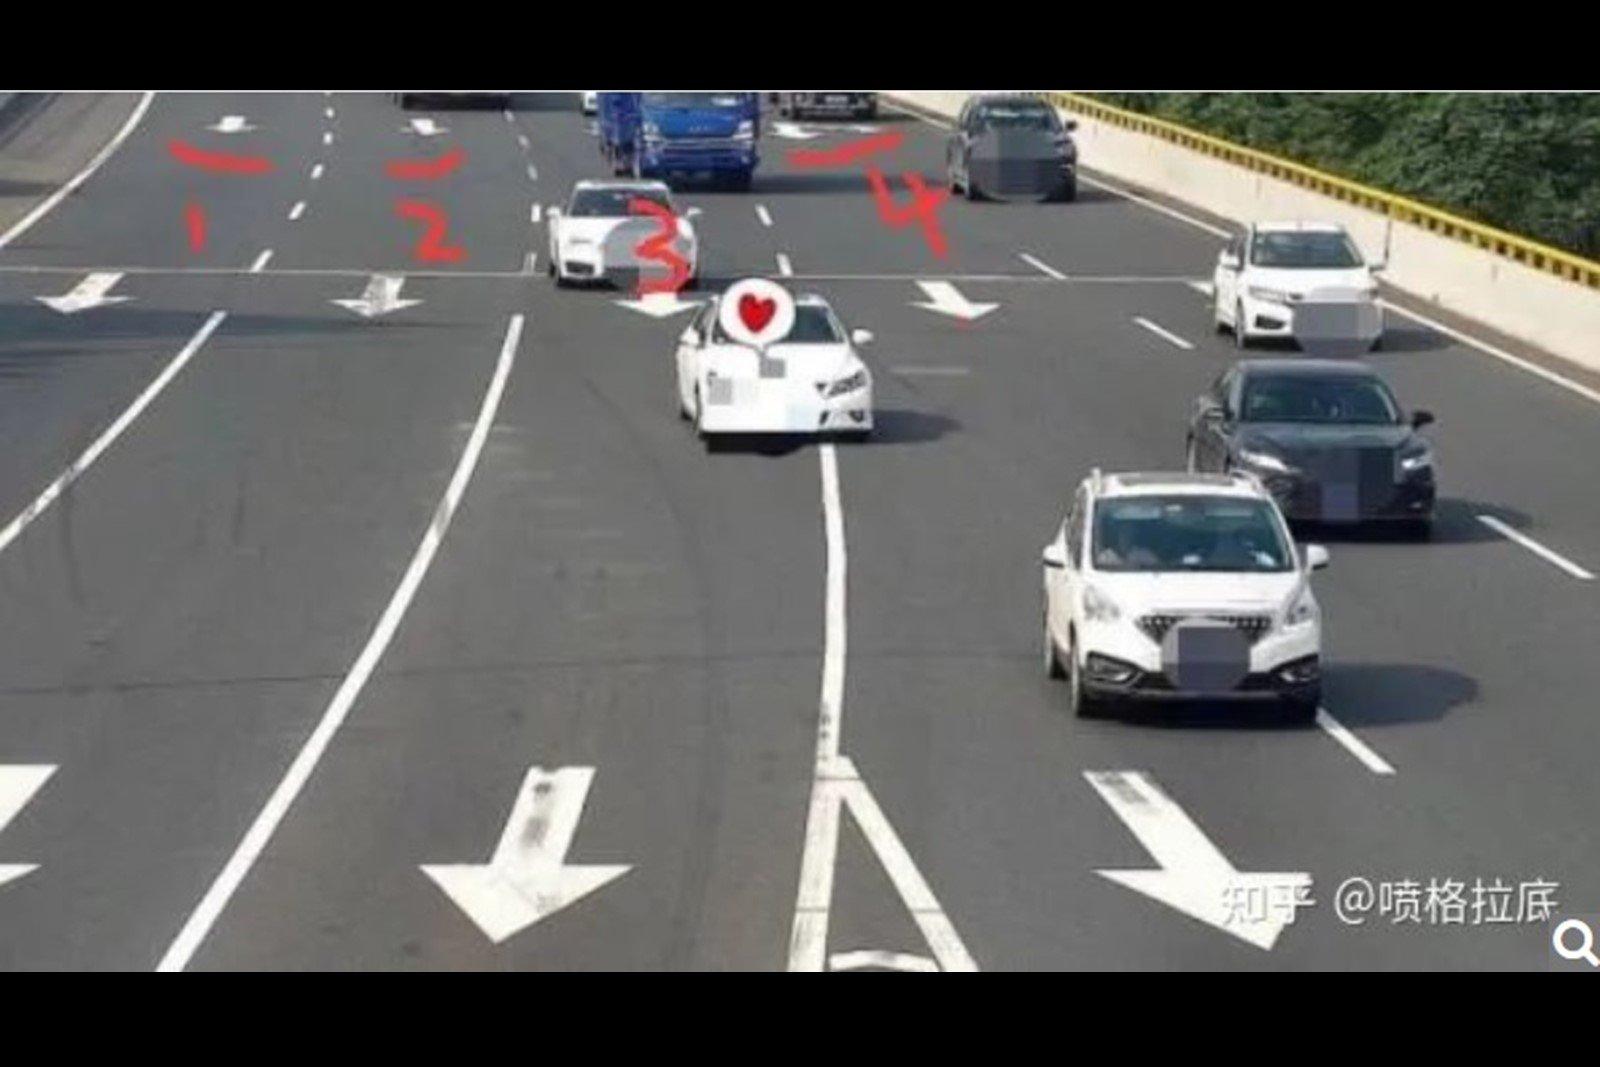 近日,廣東佛山廣台高速公路有一處違章錄像頭被發現在一年間向車主們開出超過62萬張罰單,罰款金額高達1.2億元。有網民分析,在這條精心設計的路段中,除了最左邊一條生路,其他統統是死路。(網絡圖片)